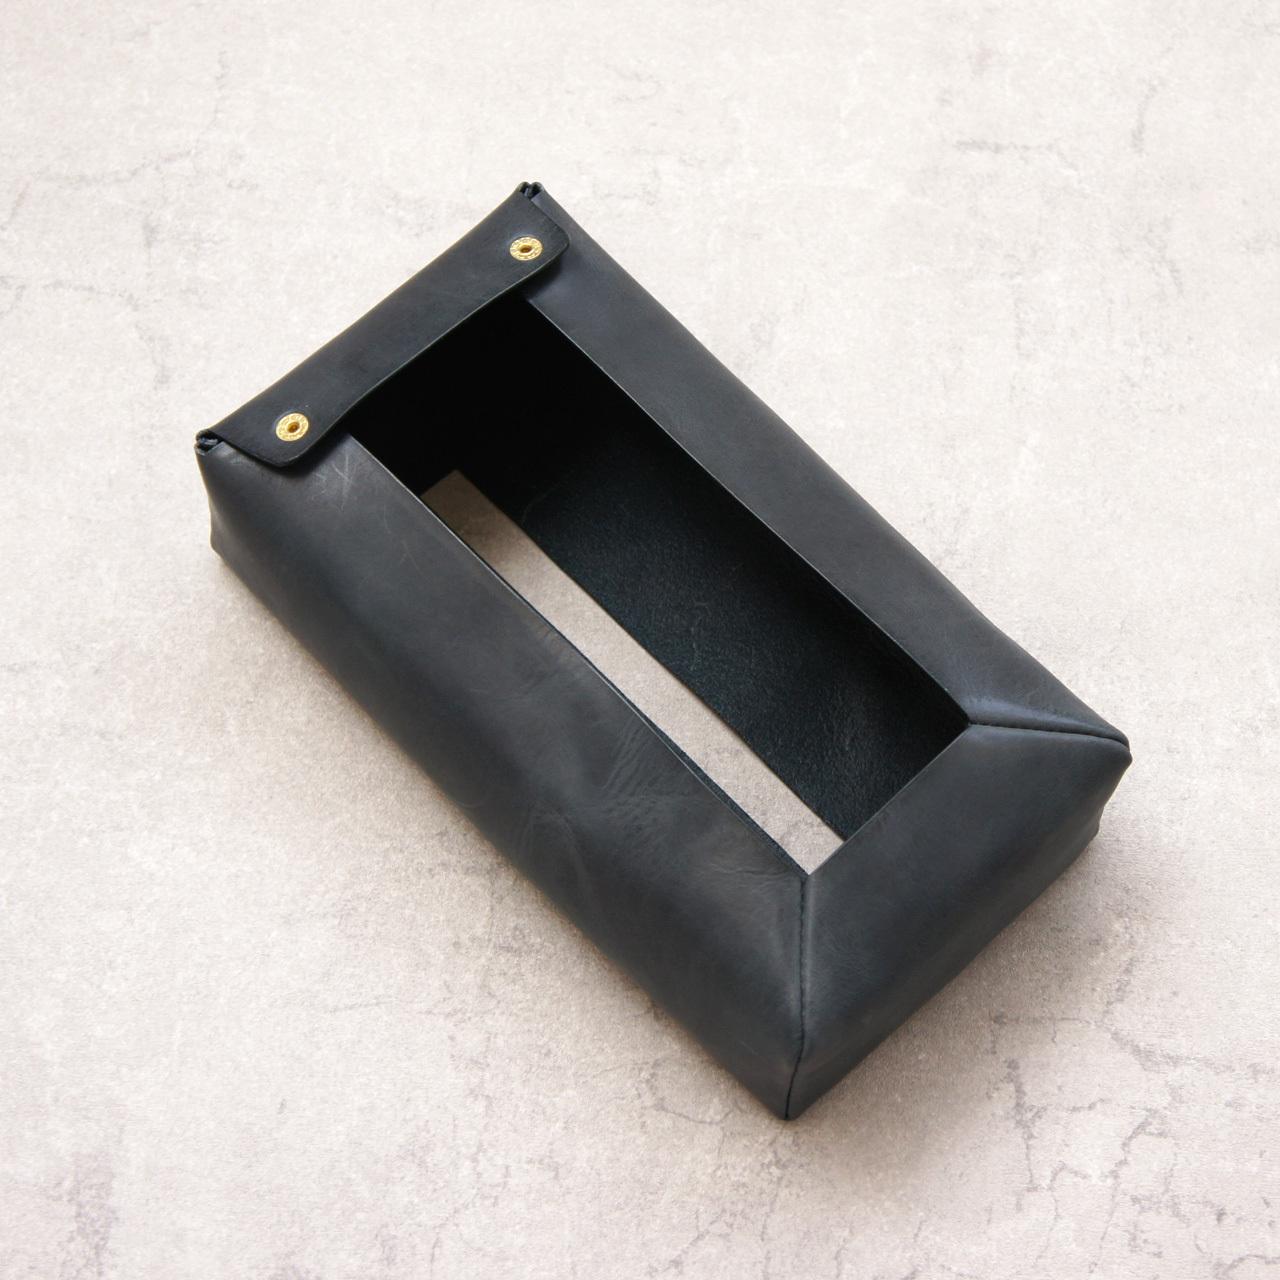 ふんわり柔らか革の箱ティッシュカバー【ネイビー】